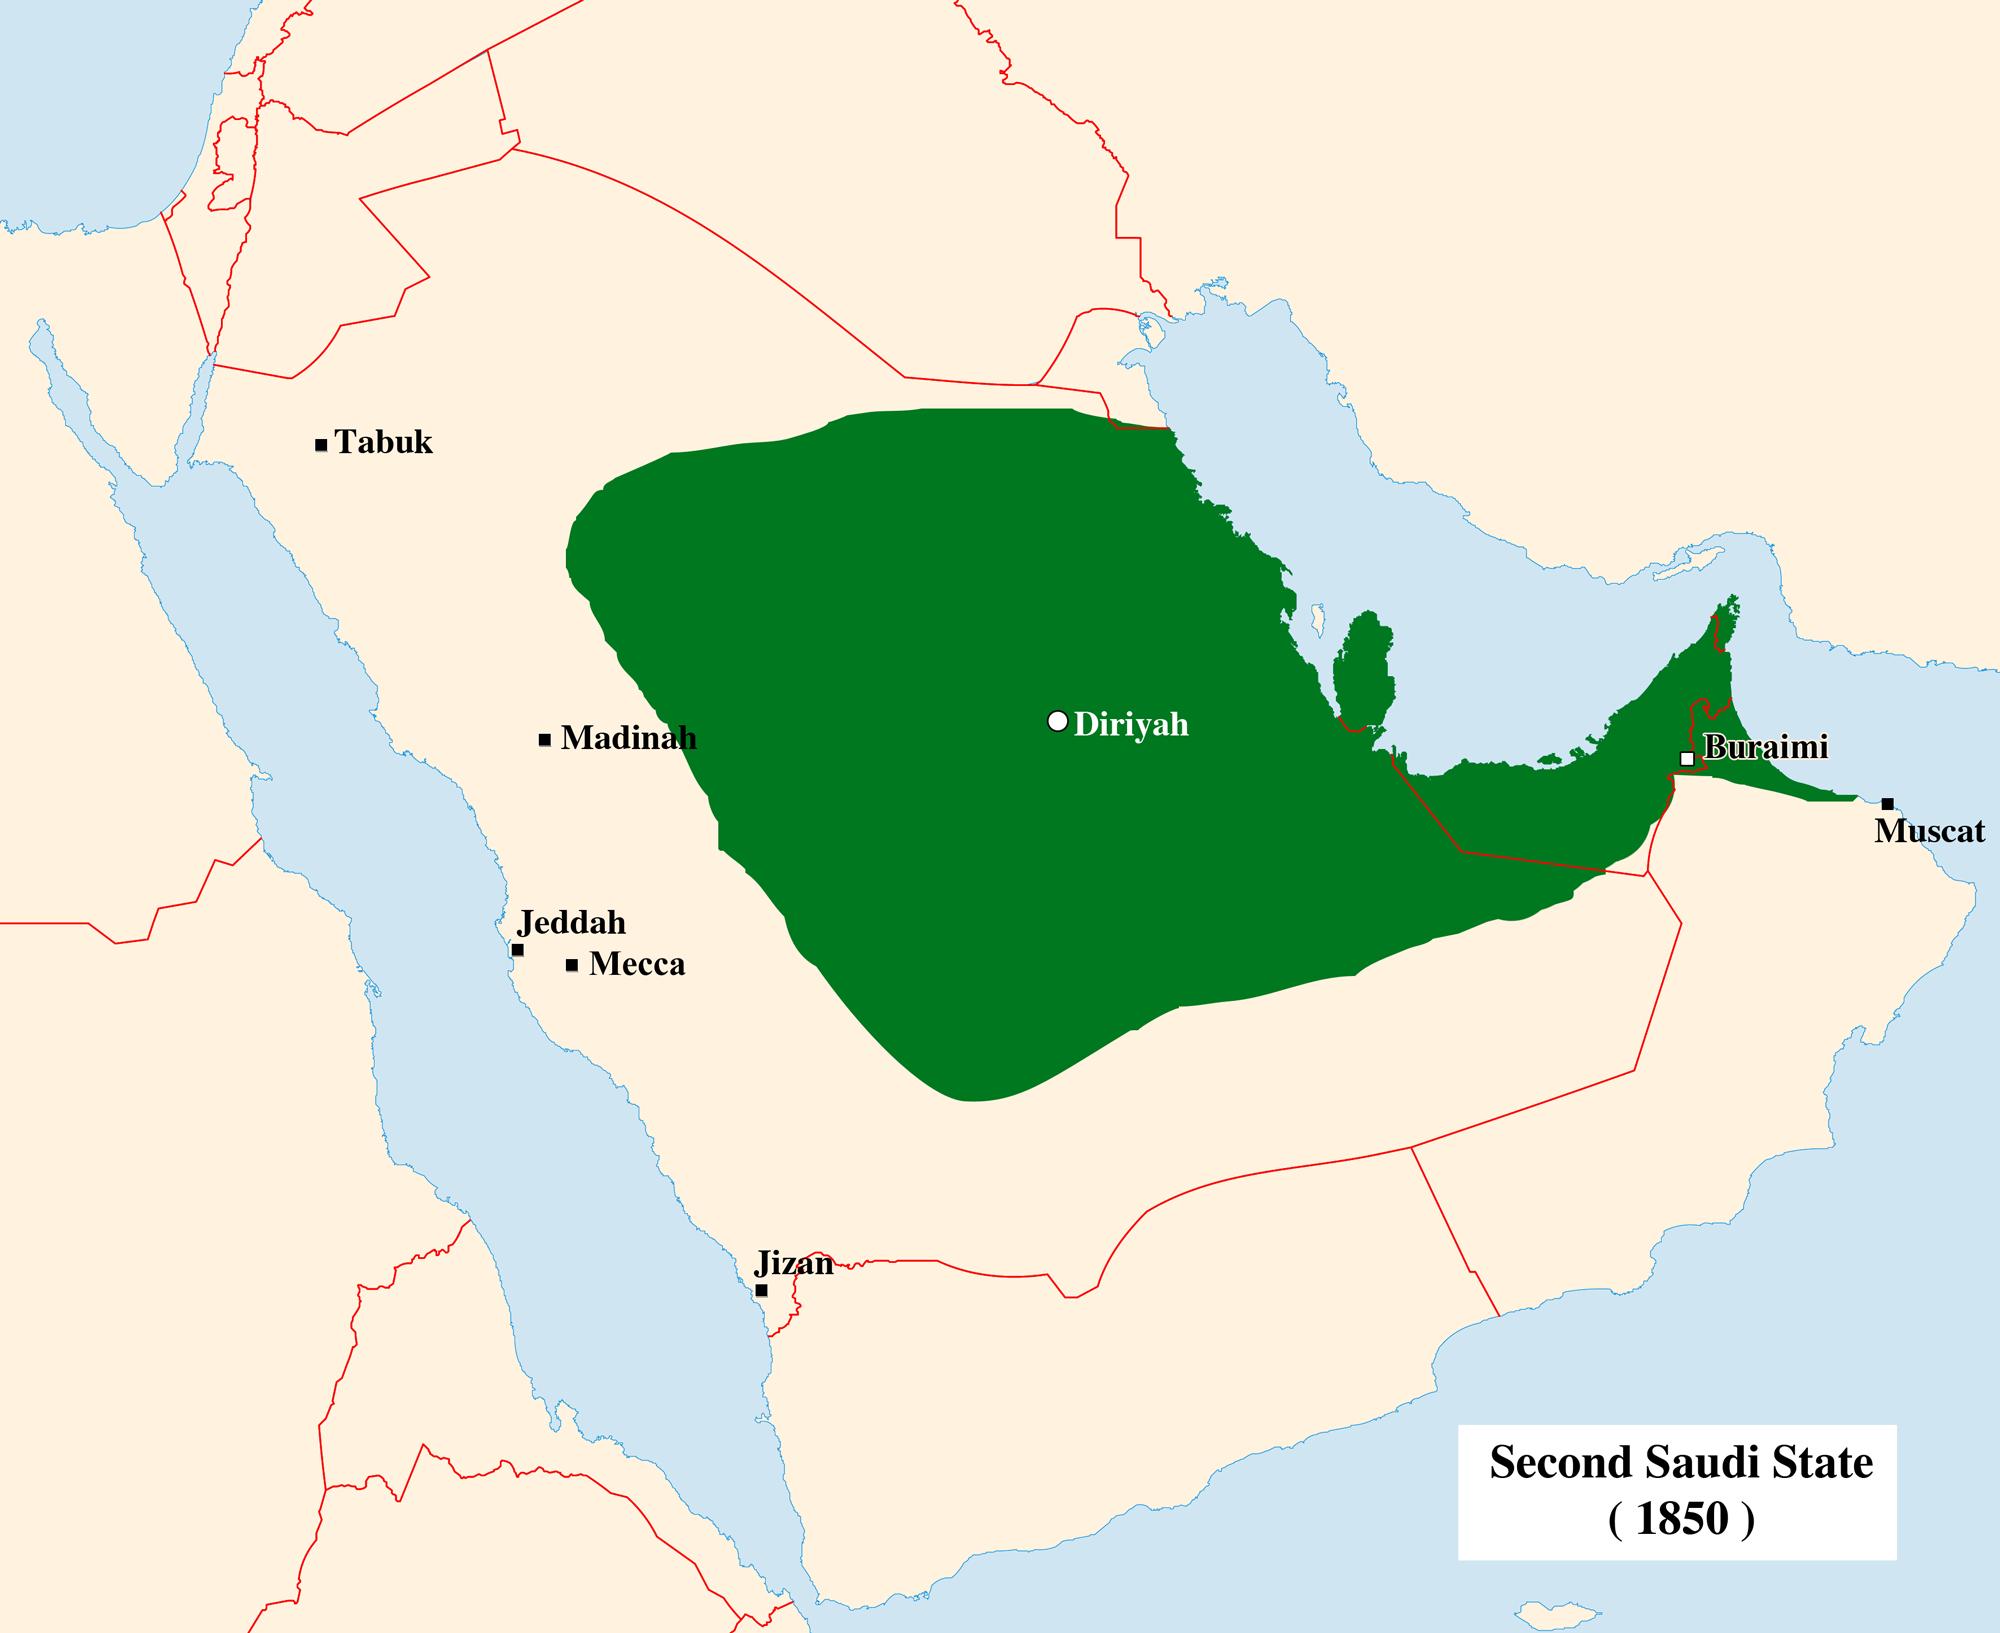 Second Saudi State Big